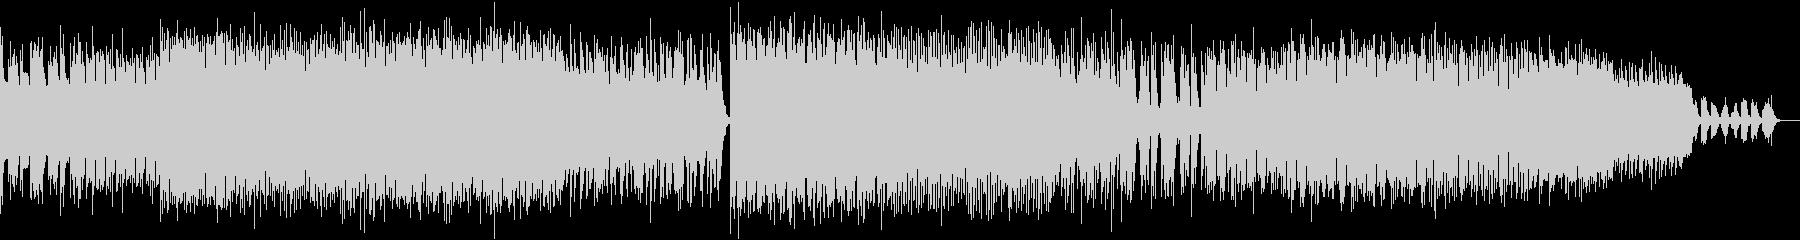 重厚でクールなエレクトリックサウンドの未再生の波形